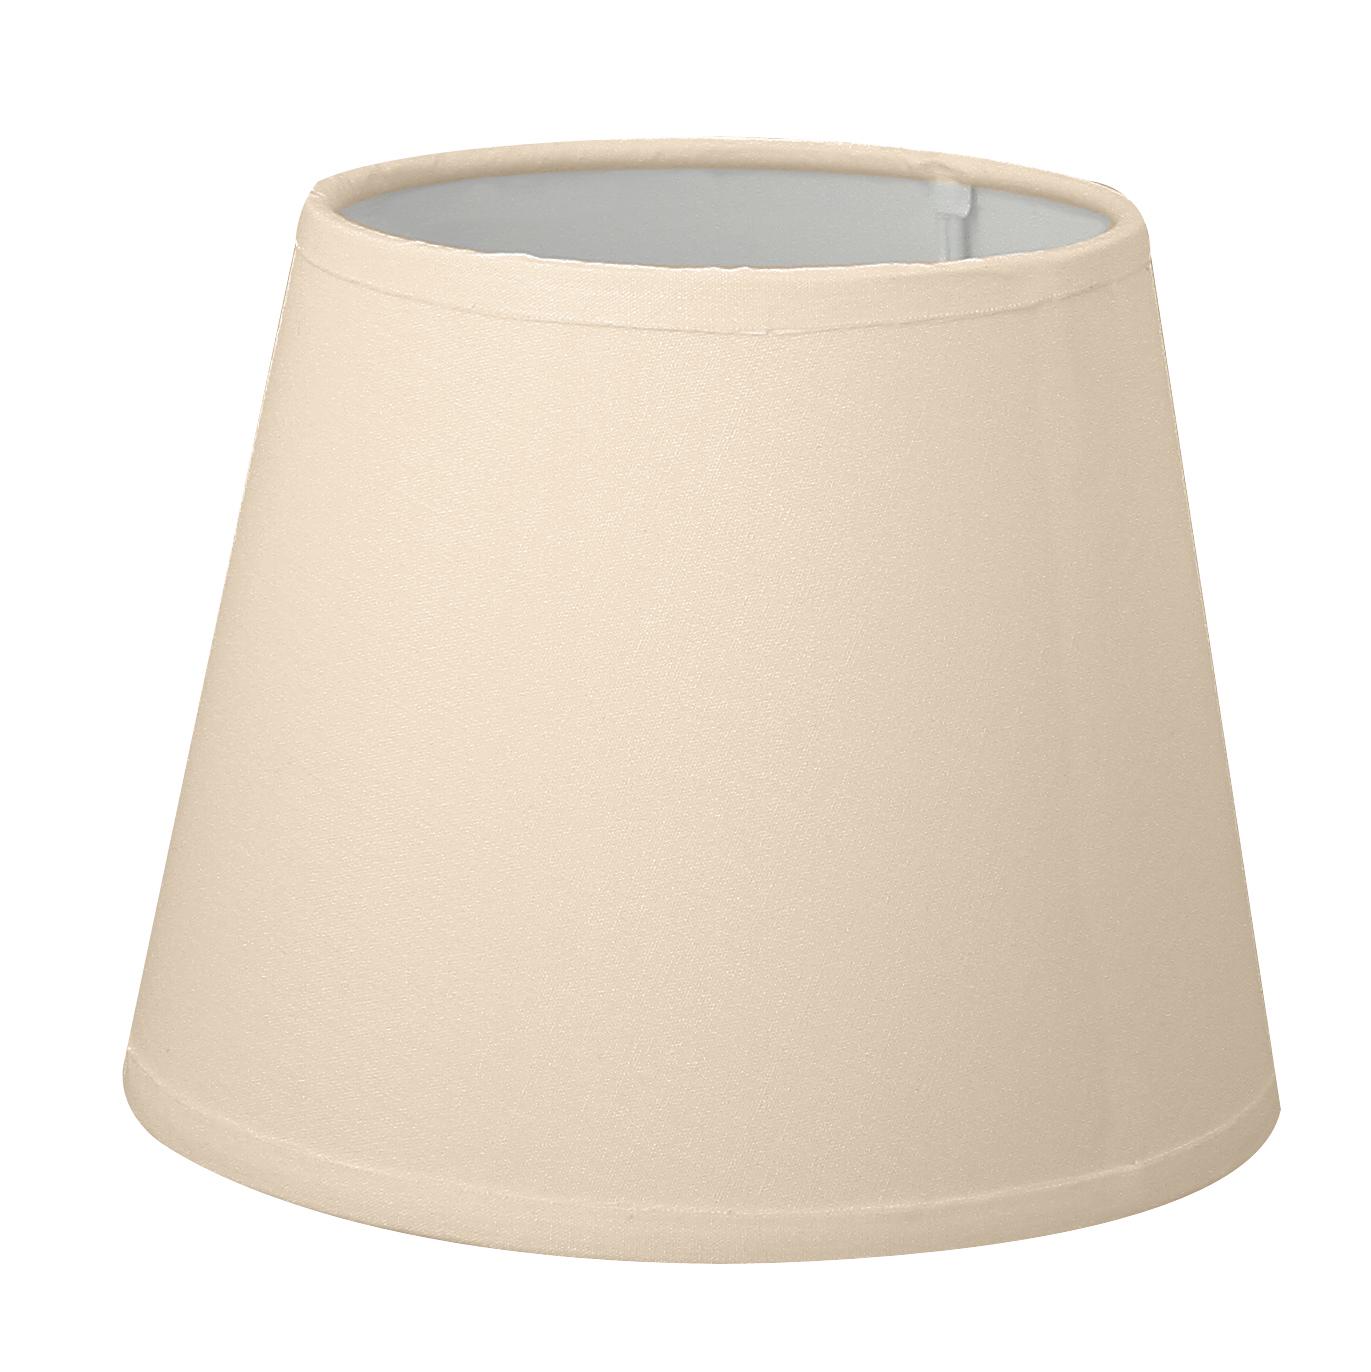 abat jour pince gris dor diam tre 14 cm abat jour forme am ricaine e metropolight. Black Bedroom Furniture Sets. Home Design Ideas